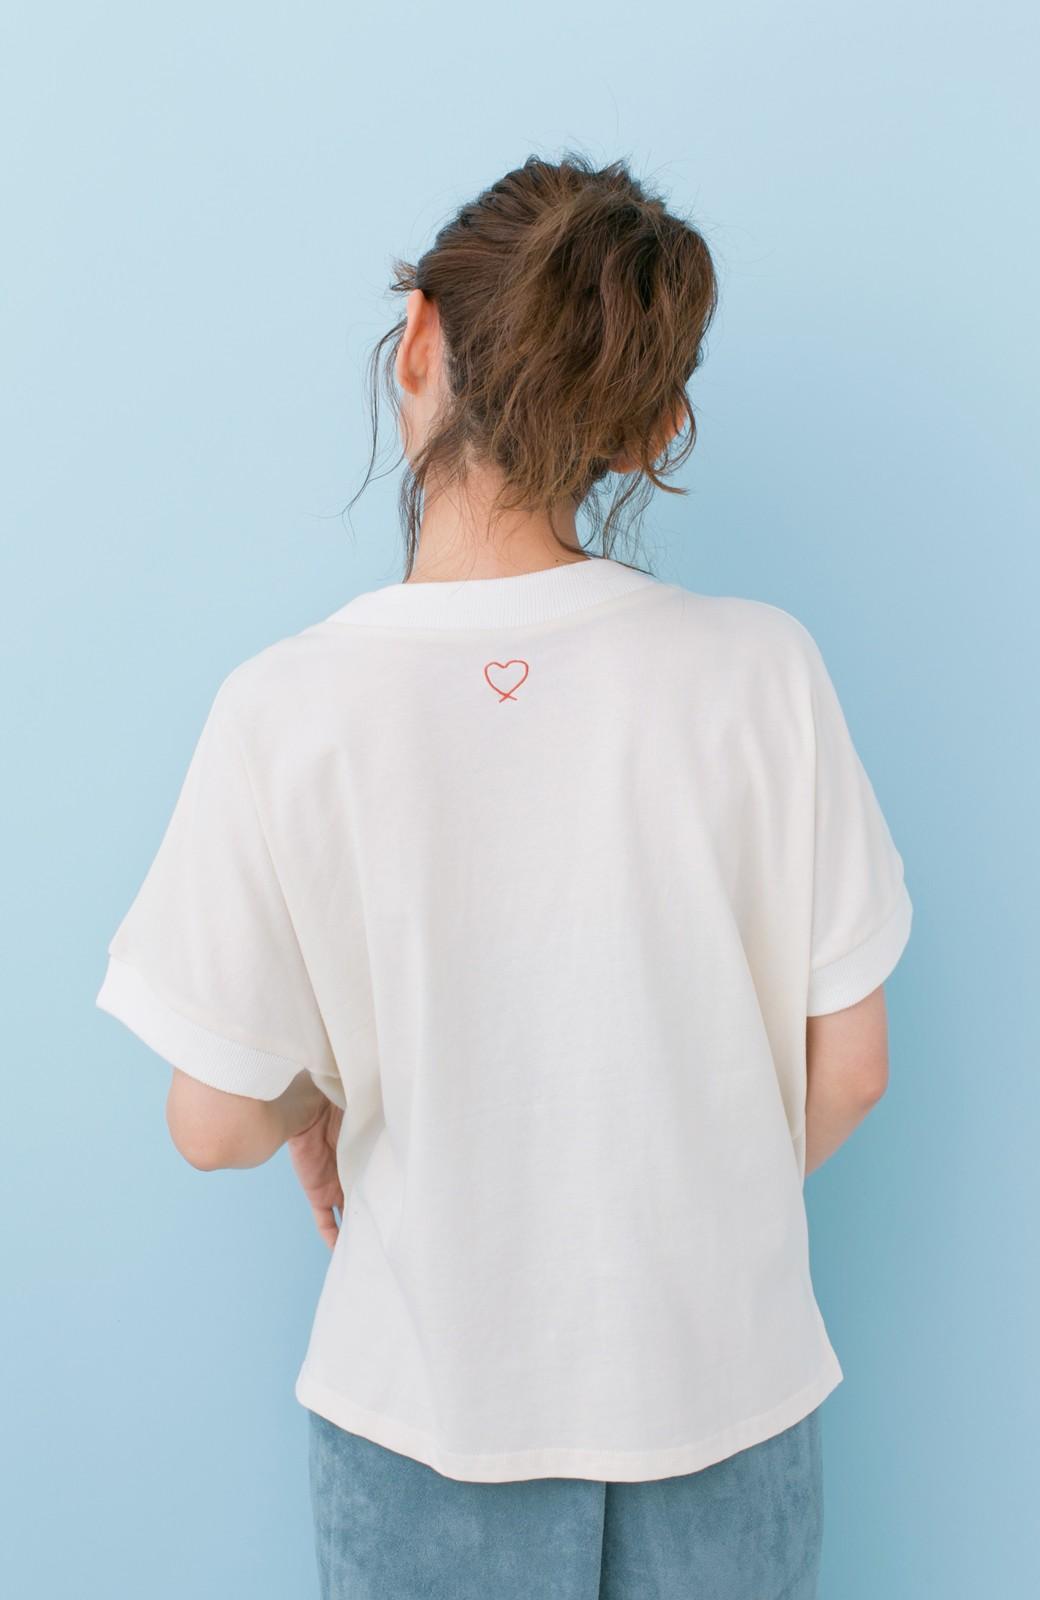 haco! PBP 高橋愛さんコラボ 手描きハート刺しゅうがかわいいコットンリンガーTシャツ <アイボリー>の商品写真11